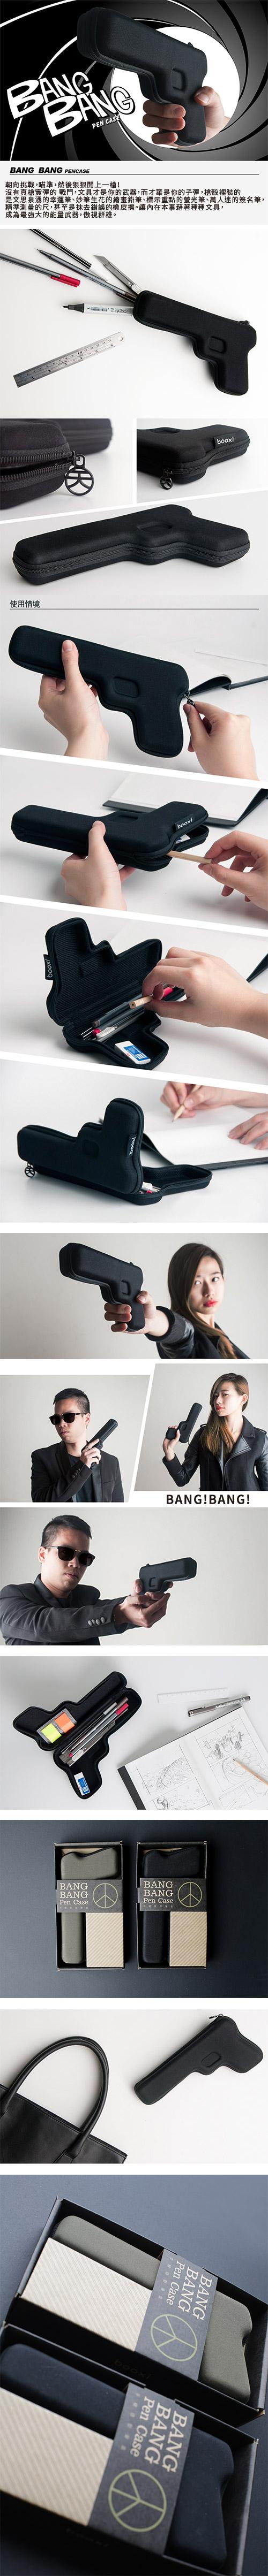 天晴設計 ㄅㄧㄤˋ ㄅㄧㄤˋ手槍筆盒 黑